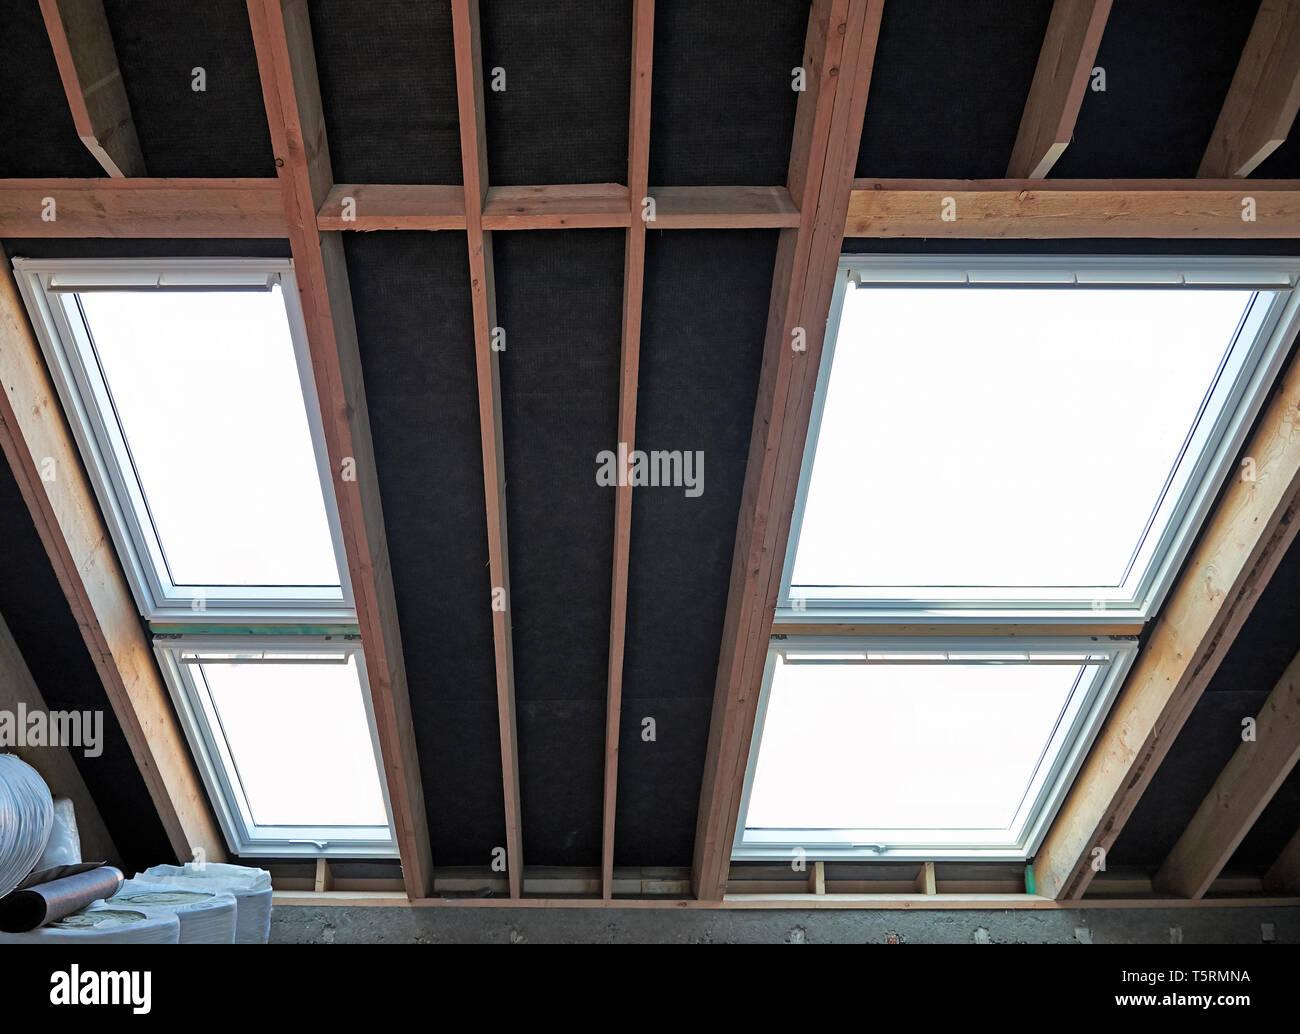 Dachgeschoss und deckenhohen Fenstern im renovierten Haus im Bau Stockfoto